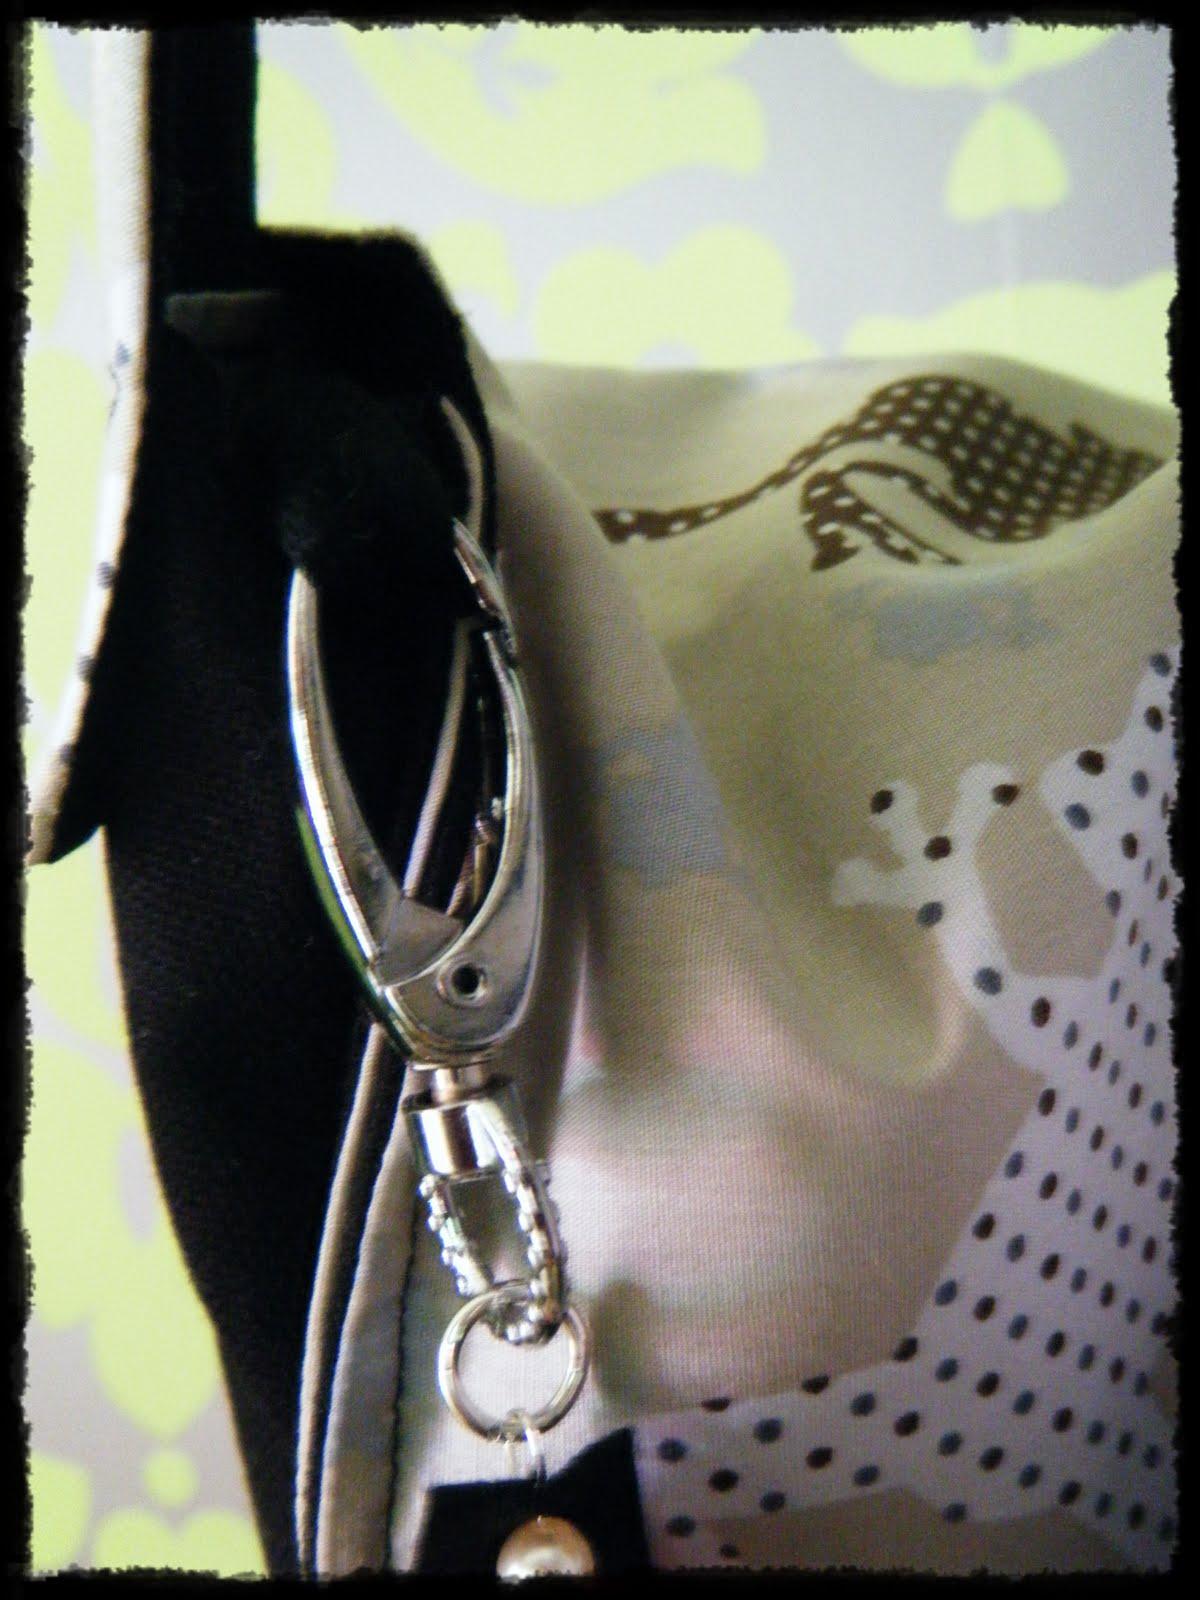 http://2.bp.blogspot.com/_-dXE8zcuKak/S-v8tt22mAI/AAAAAAAAAJI/I-5fwYCiFYM/s1600/gros+plan+mousqueton.JPG